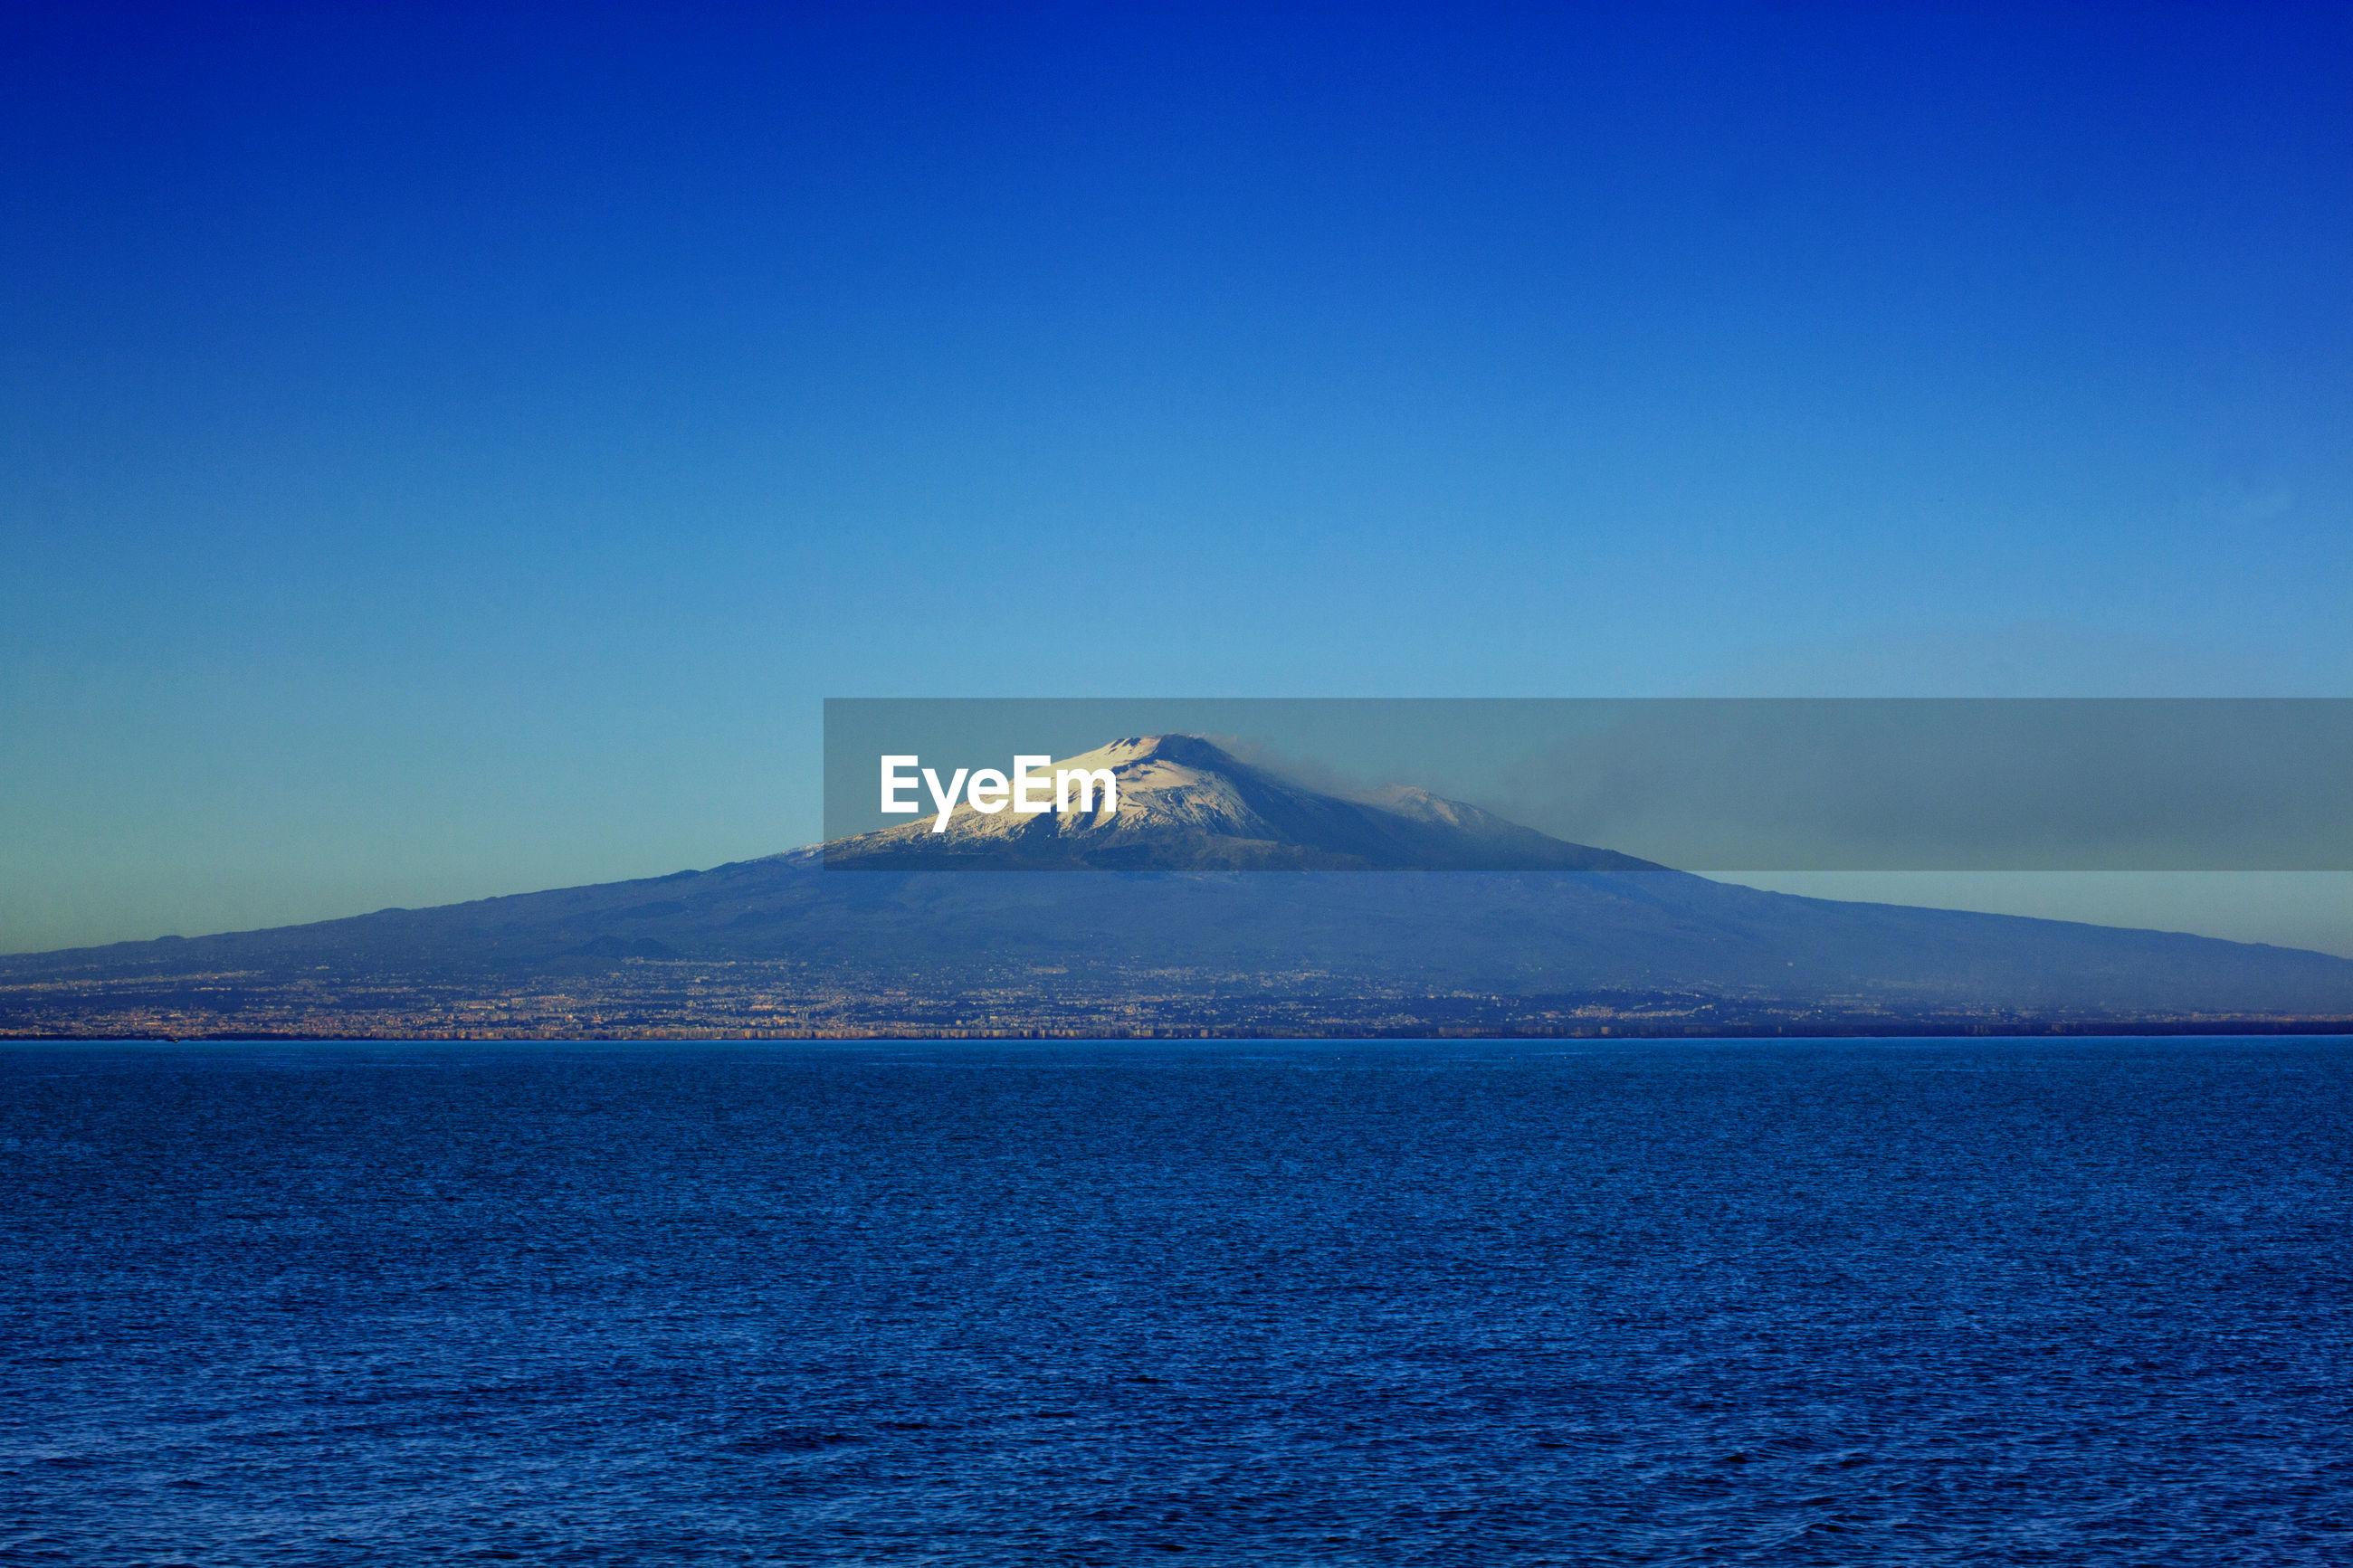 Etna mother overlooking the mediterranean